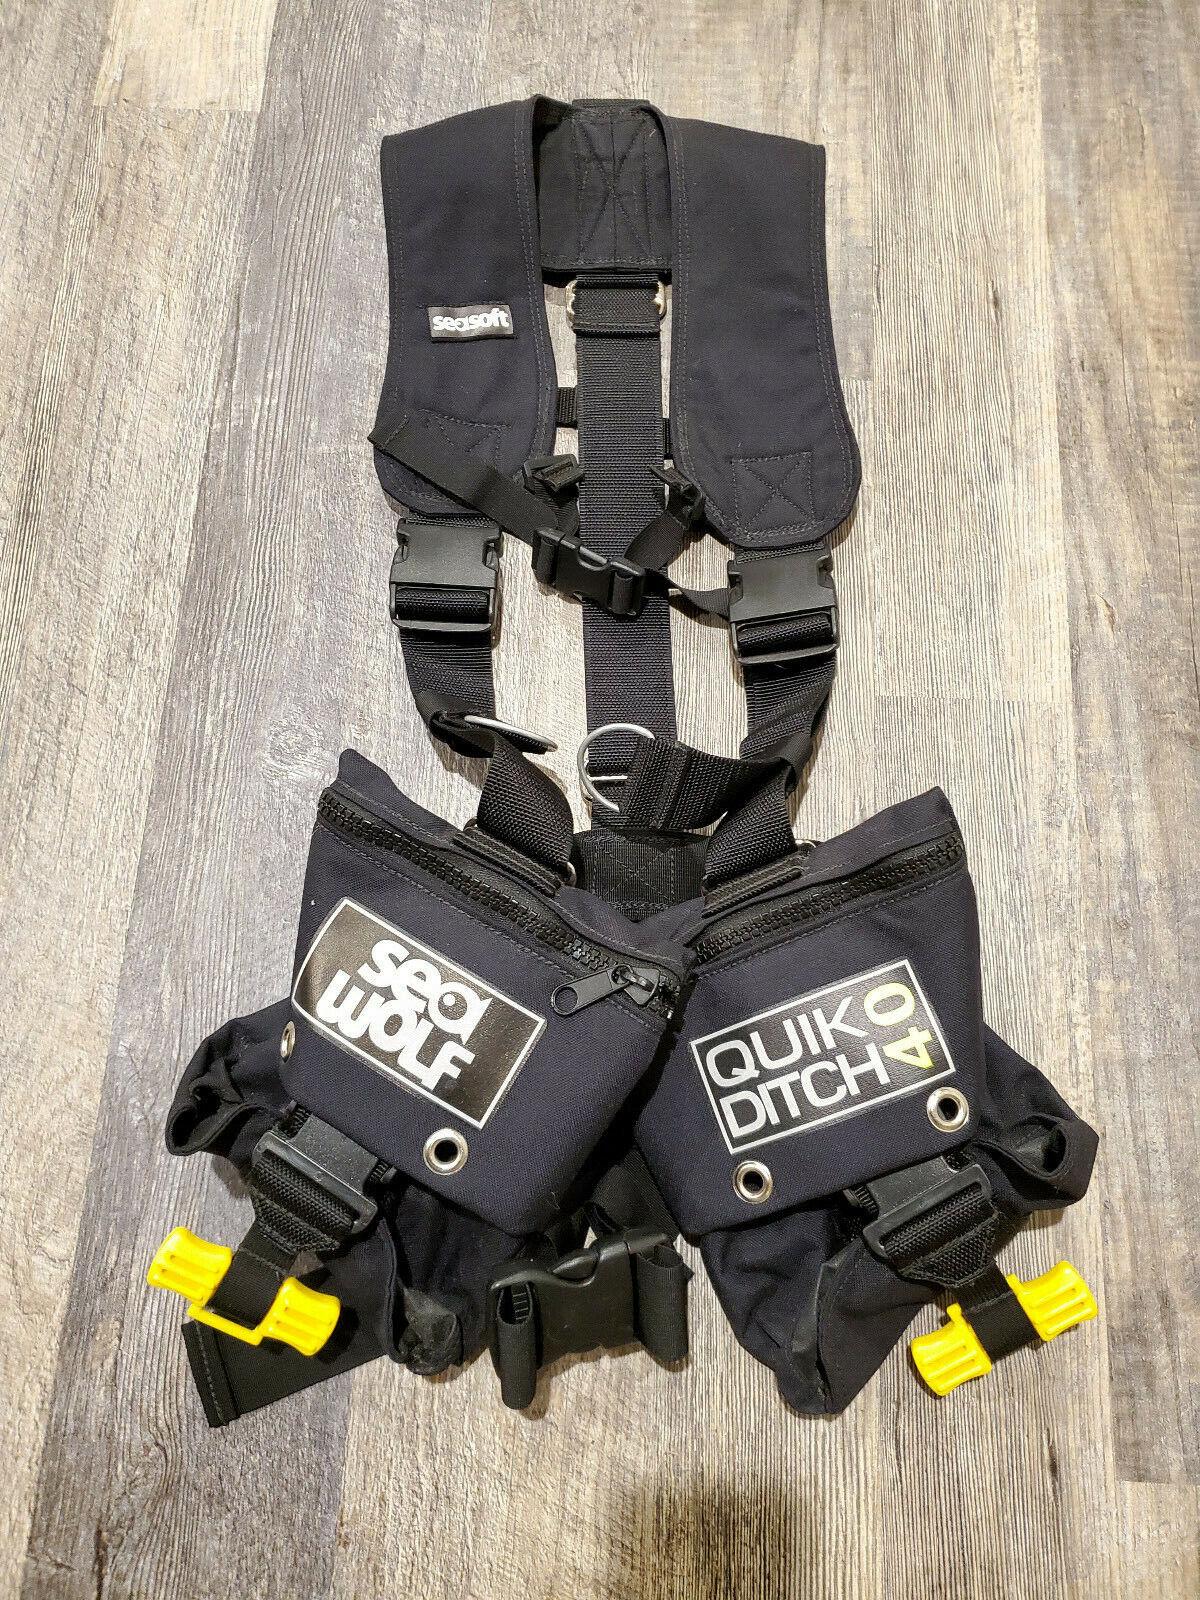 Seasoft Seawolf Scuba Weight Belt  Harness, Scuba Duiken